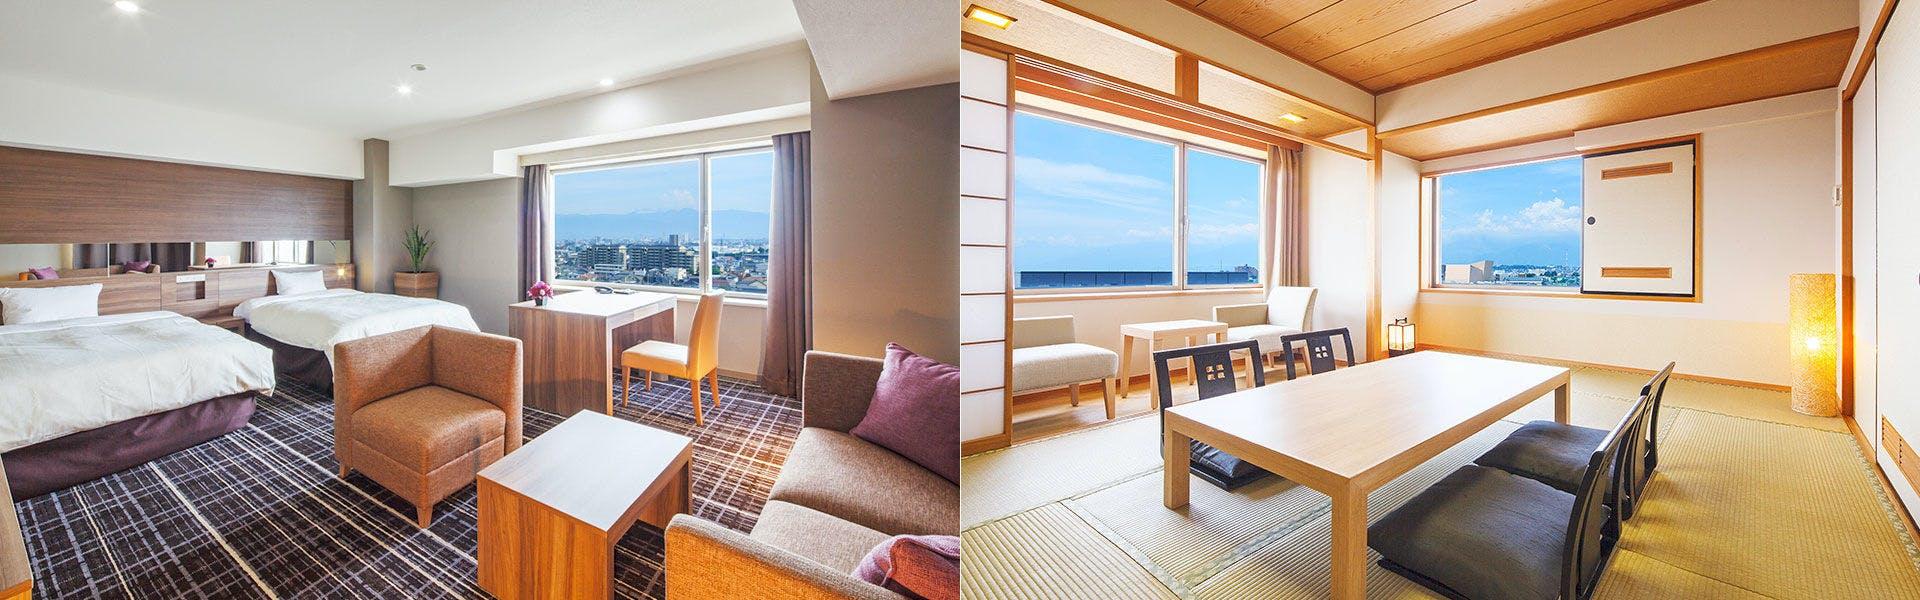 記念日におすすめのホテル・甲府 記念日ホテルの写真2